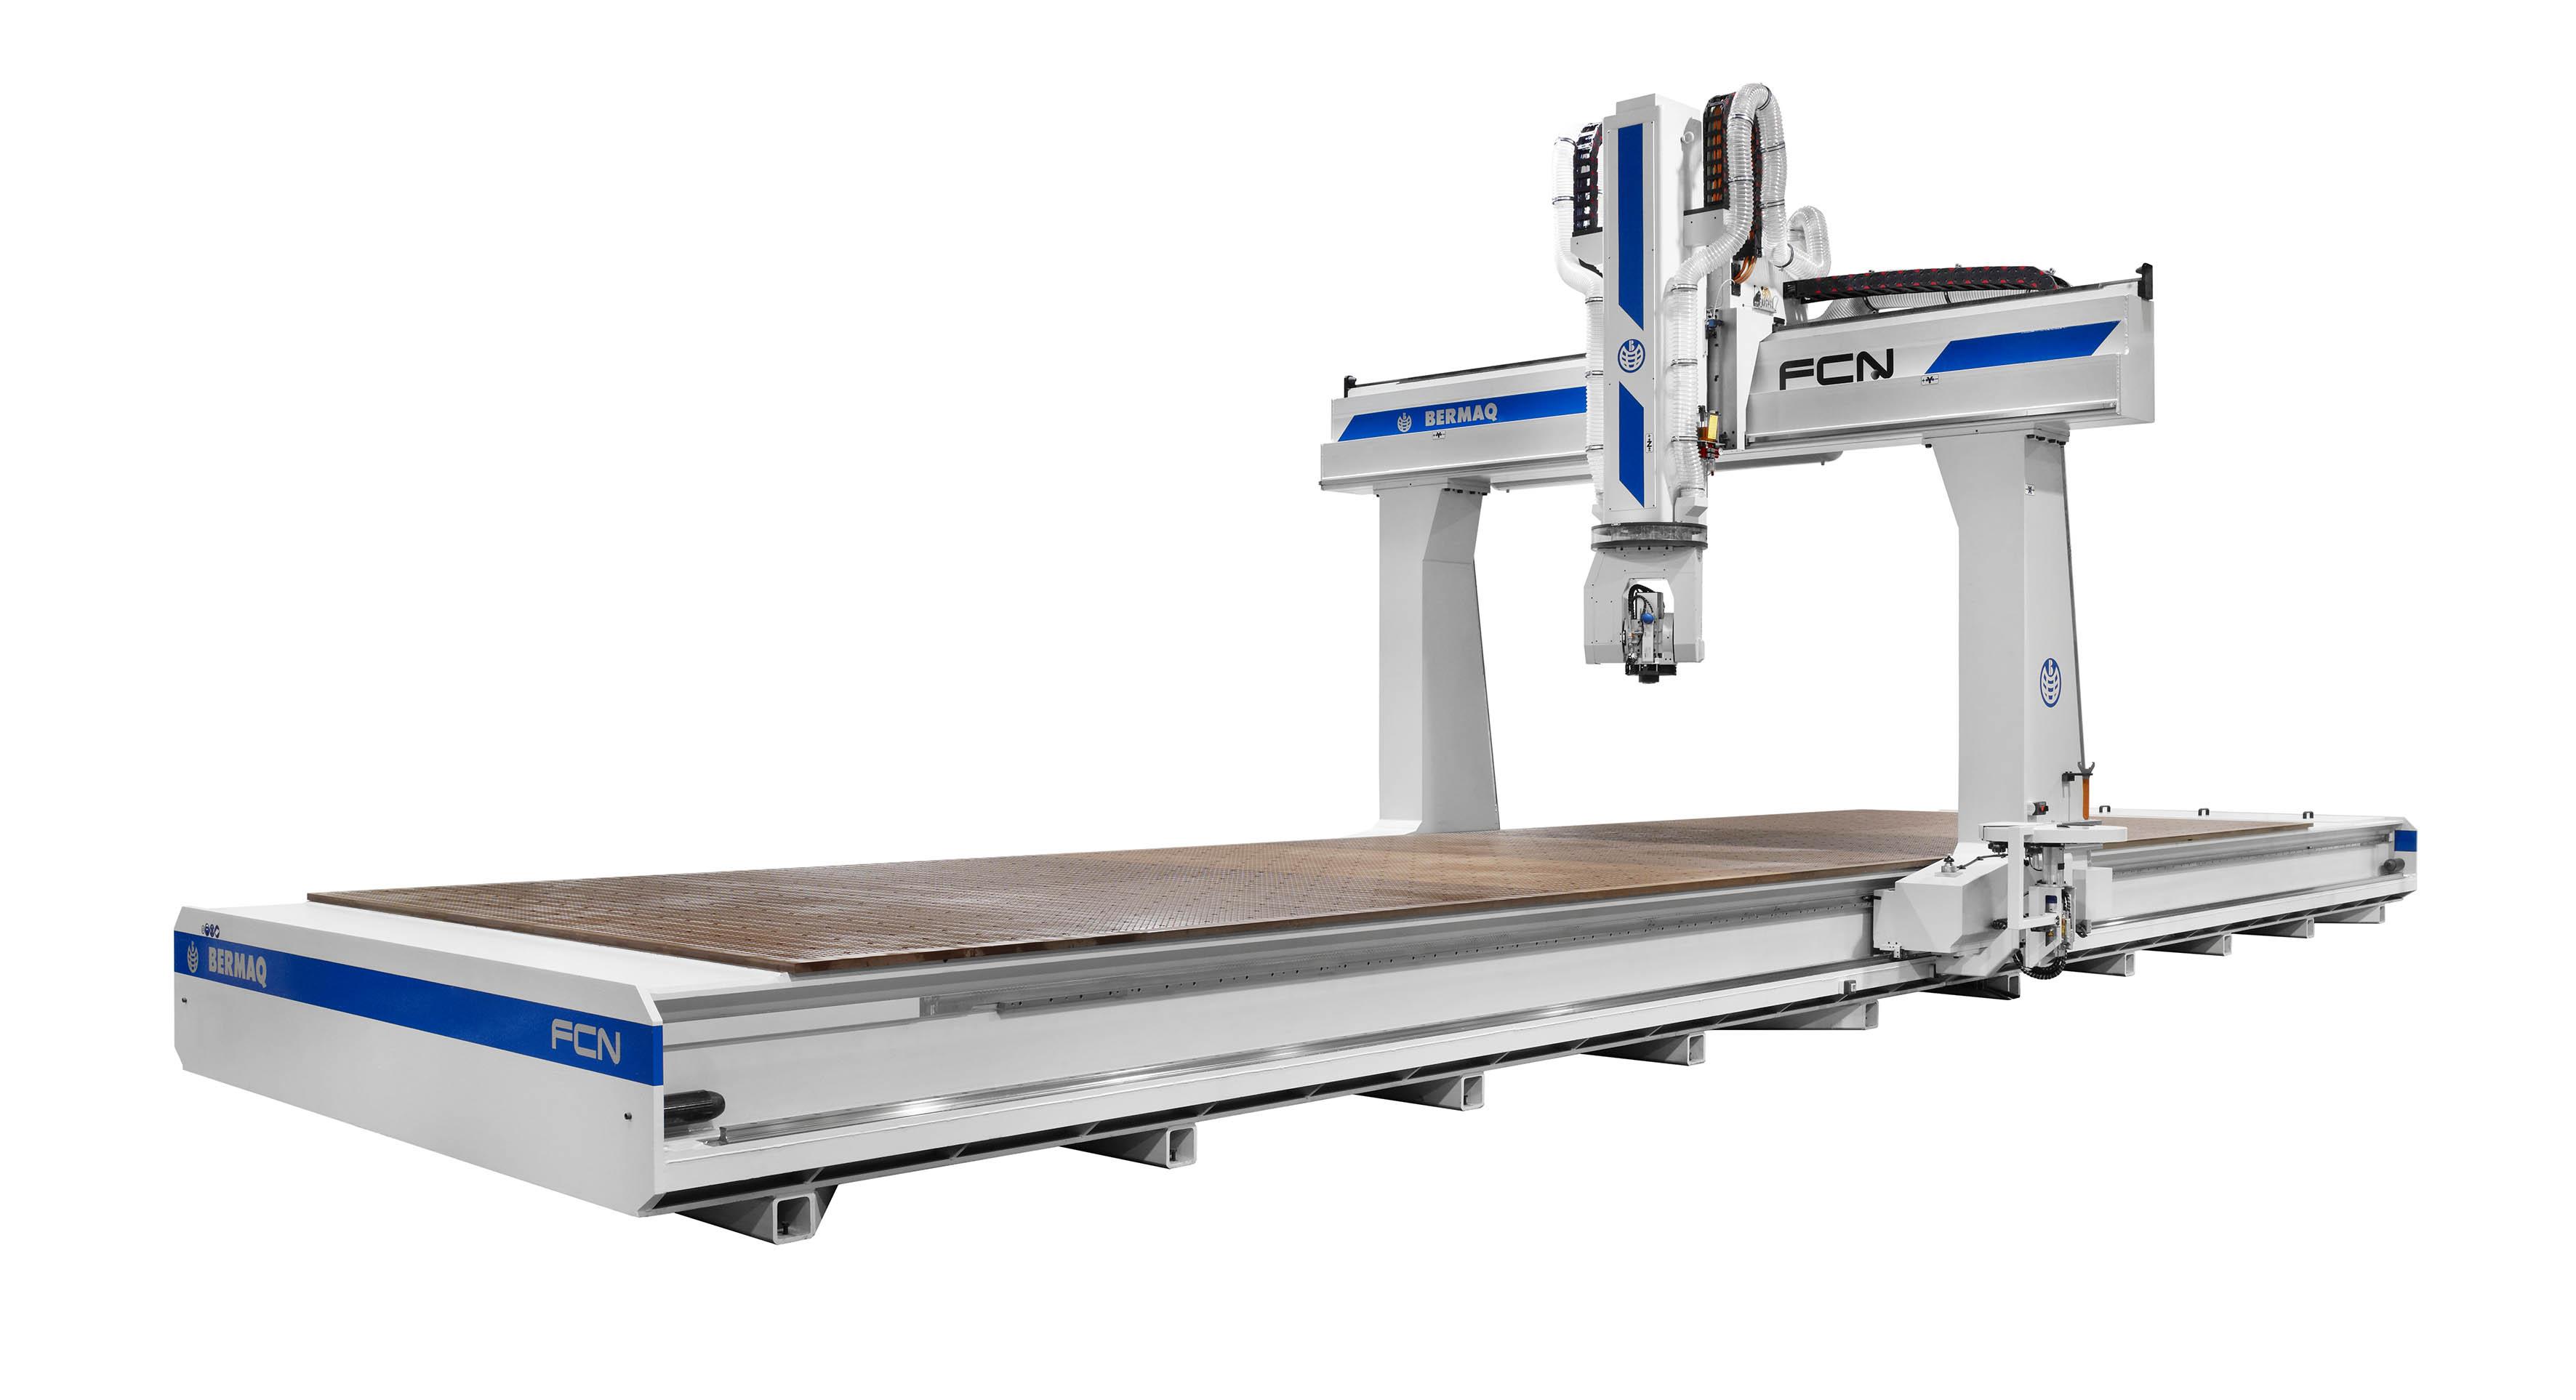 Centro de mecanizado CNC, desarrollado para satisfacer las demandas de los clientes más exigentes. E...